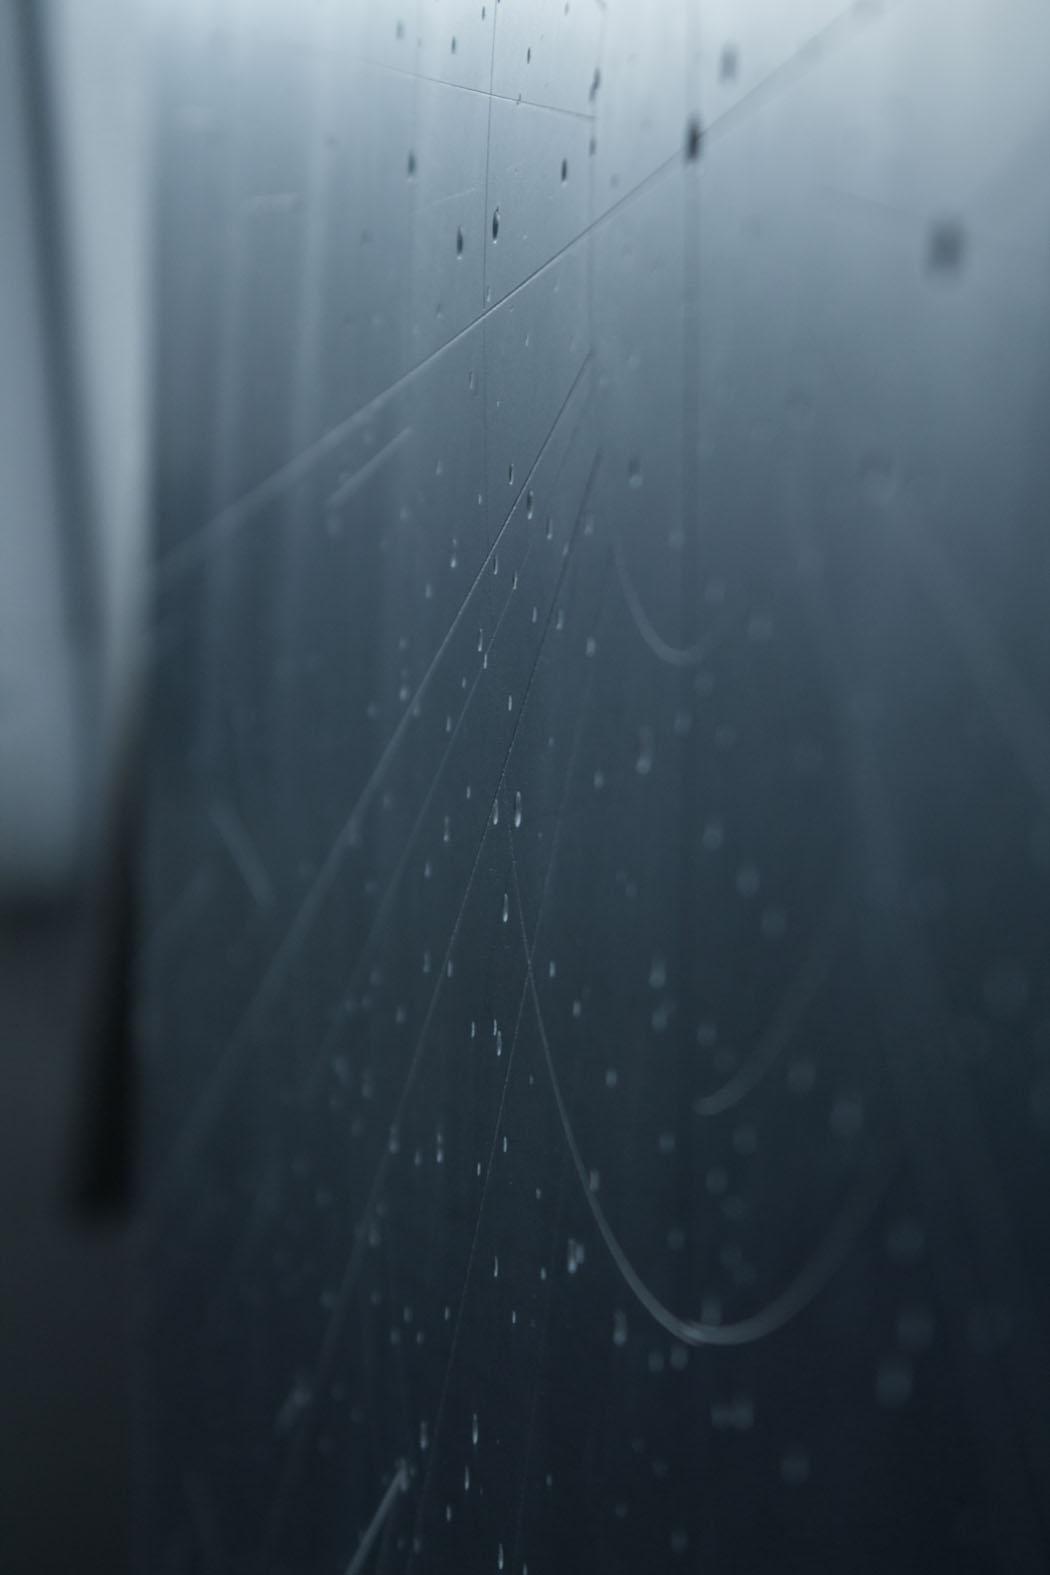 Dario Goldaniga, Mappa Stellare, particolare 1, incisioni su lavagna, 90x120 cm, 2016